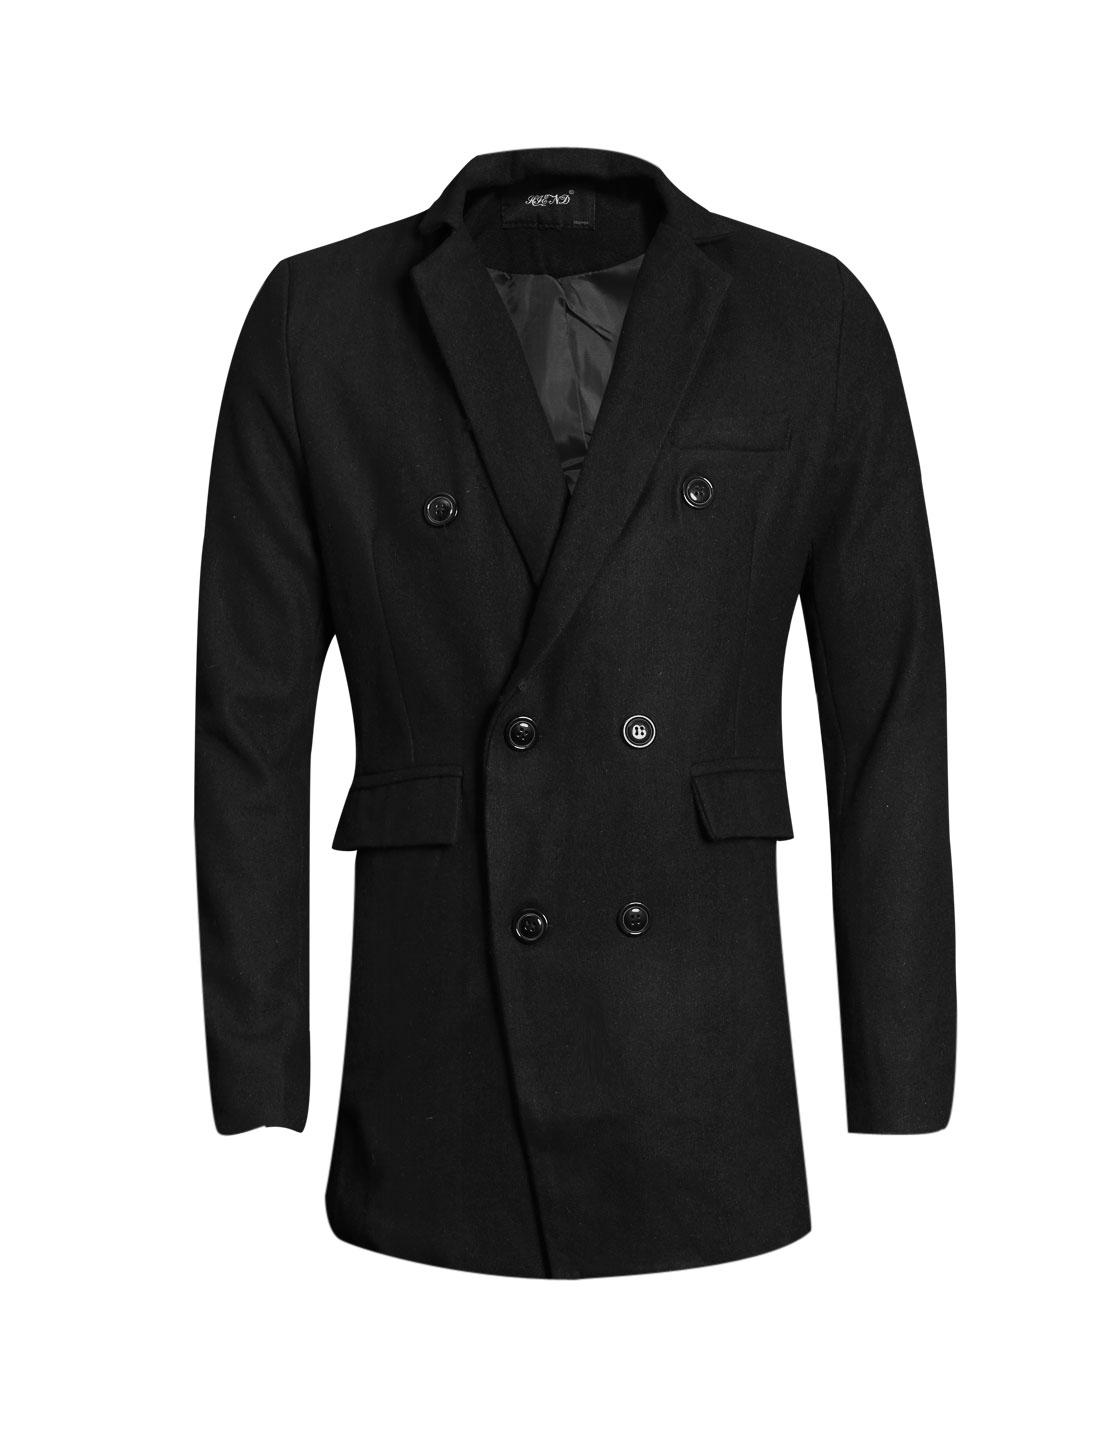 Men Notched Lapel Long Sleeve Button Closure Chic Blazer Black M